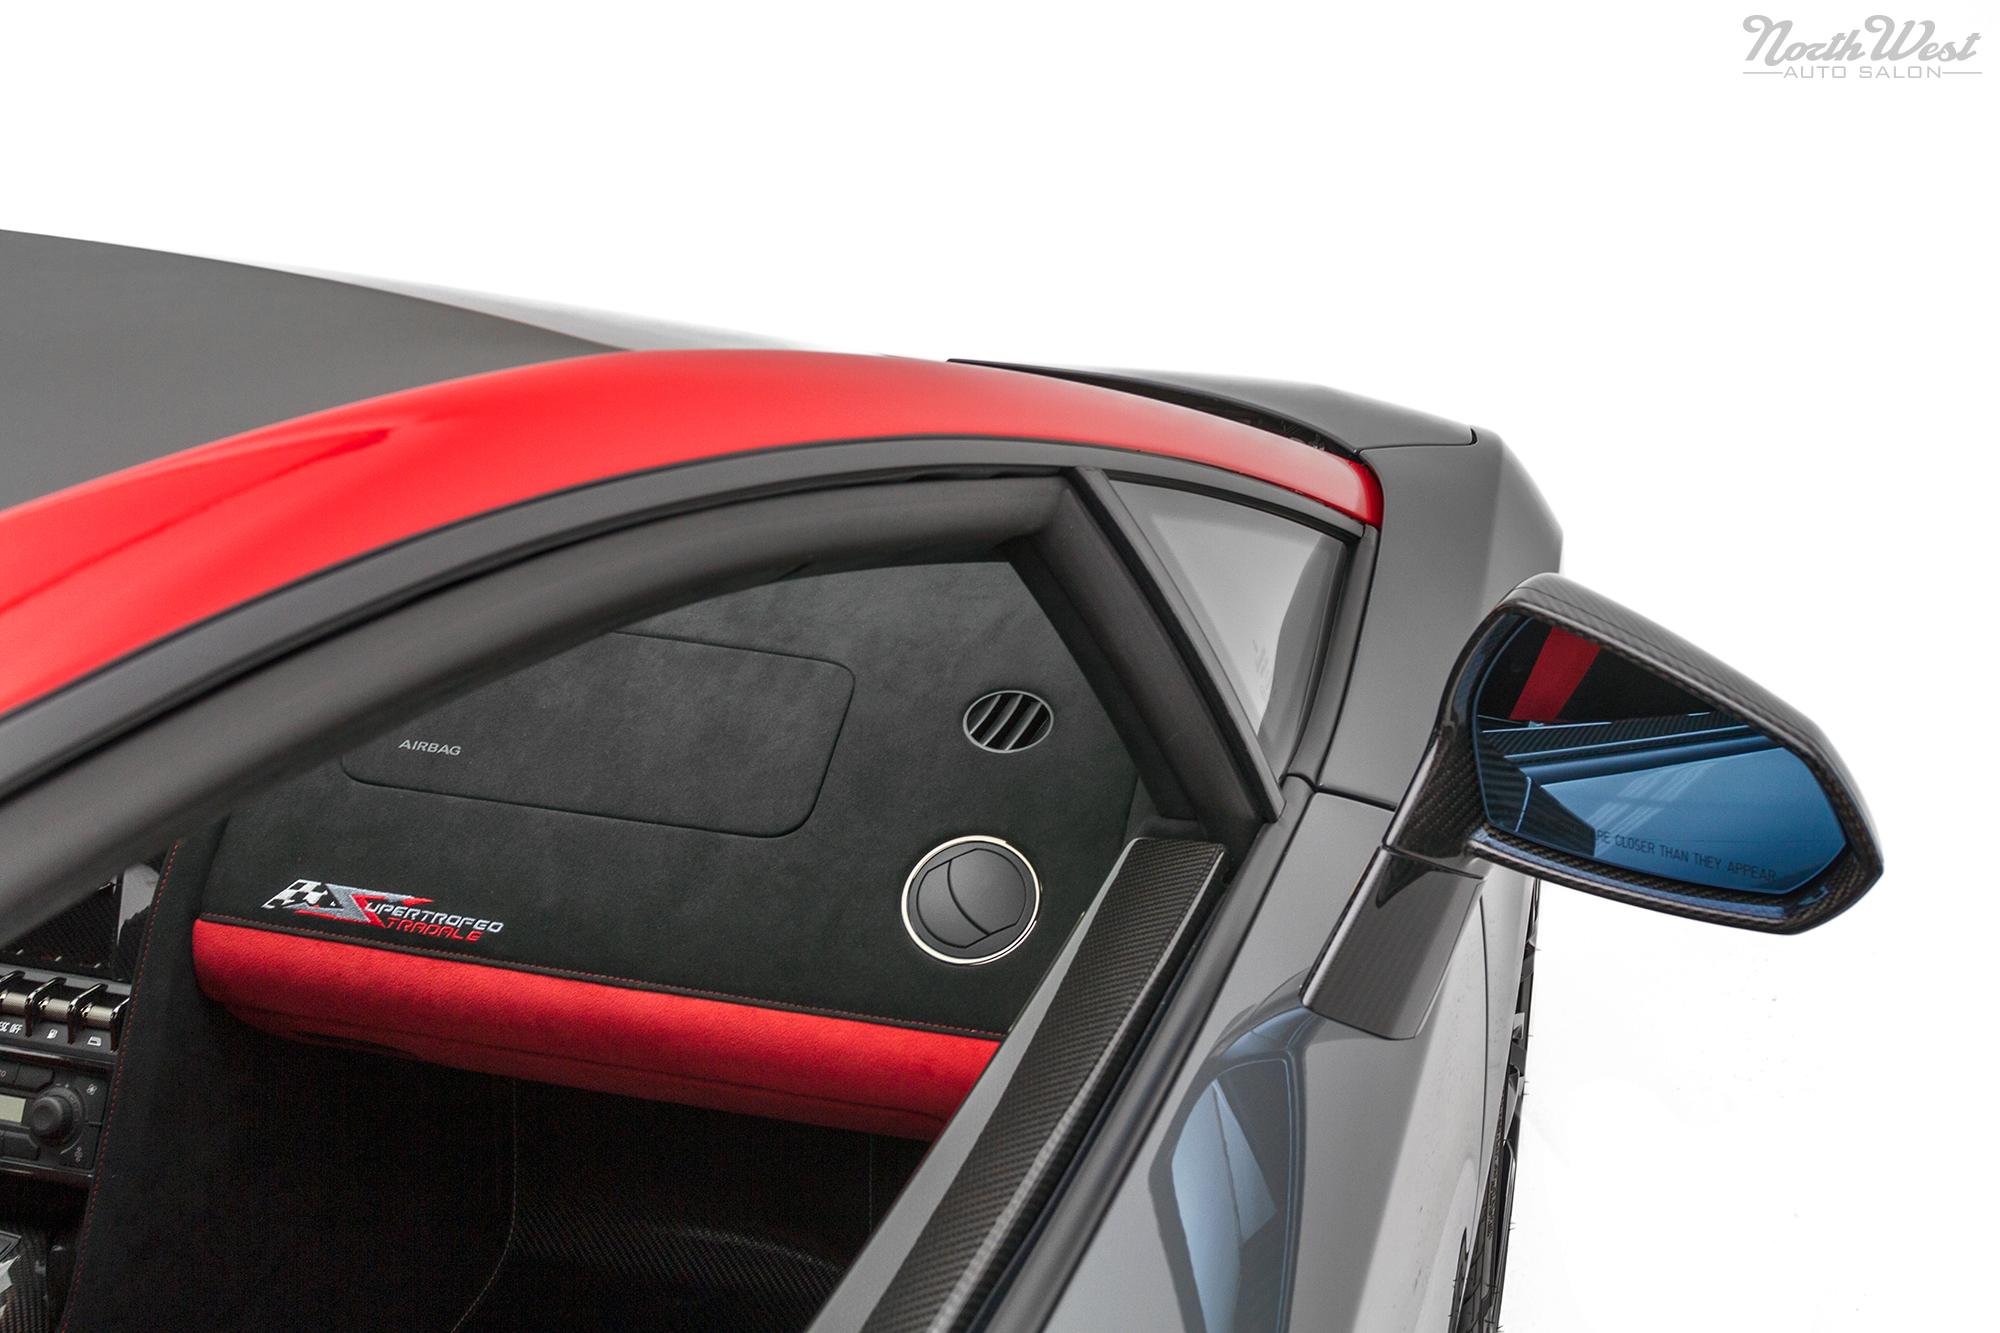 2013 Lamborghini LP 570-4 Edizione Tecnica revealed